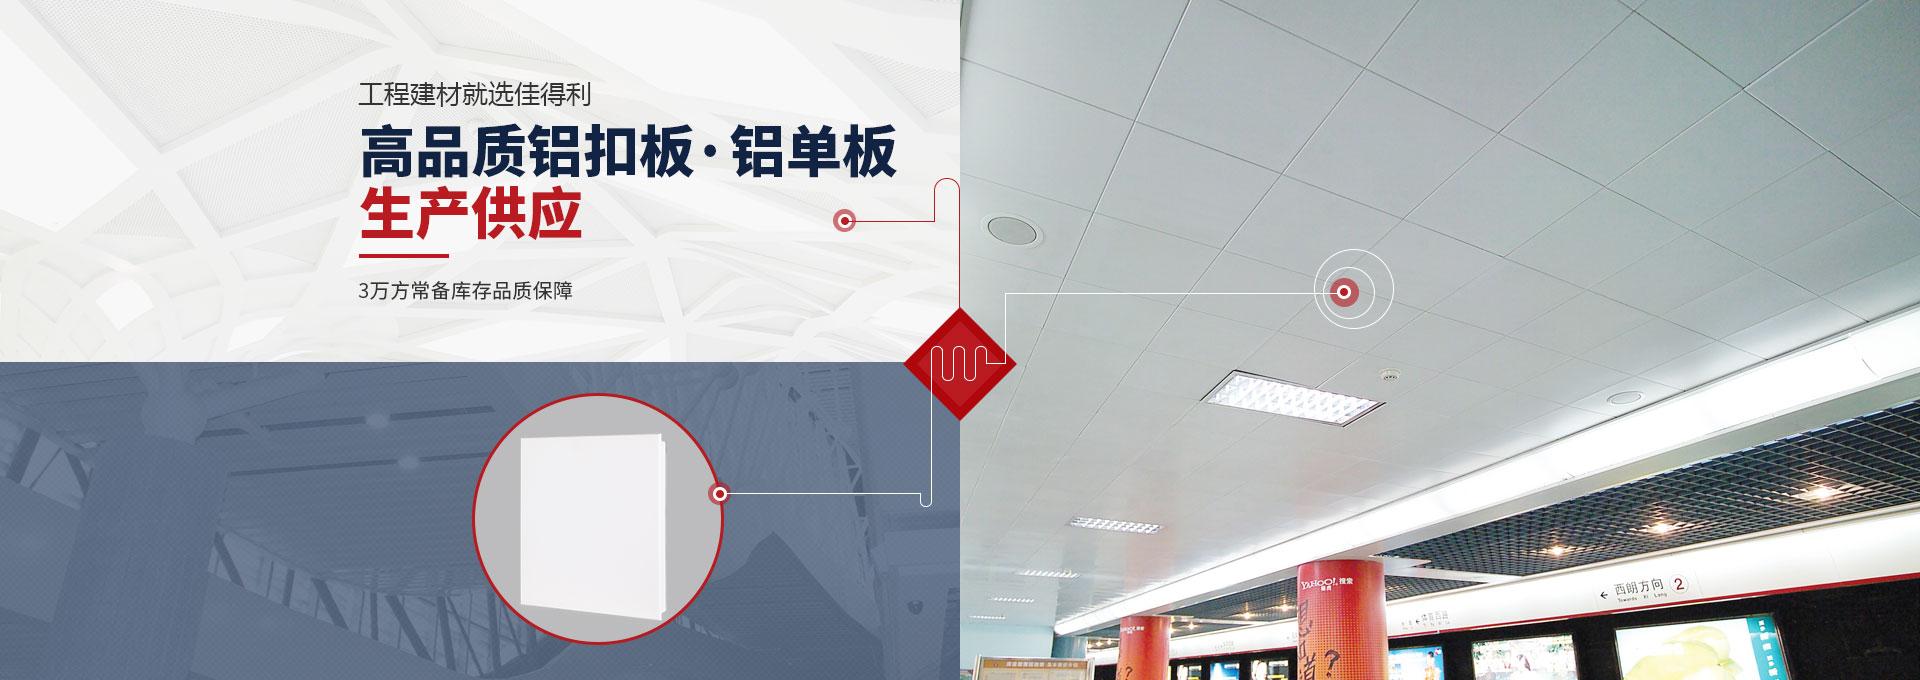 佳得利-高品质铝单板·铝扣板生产供应